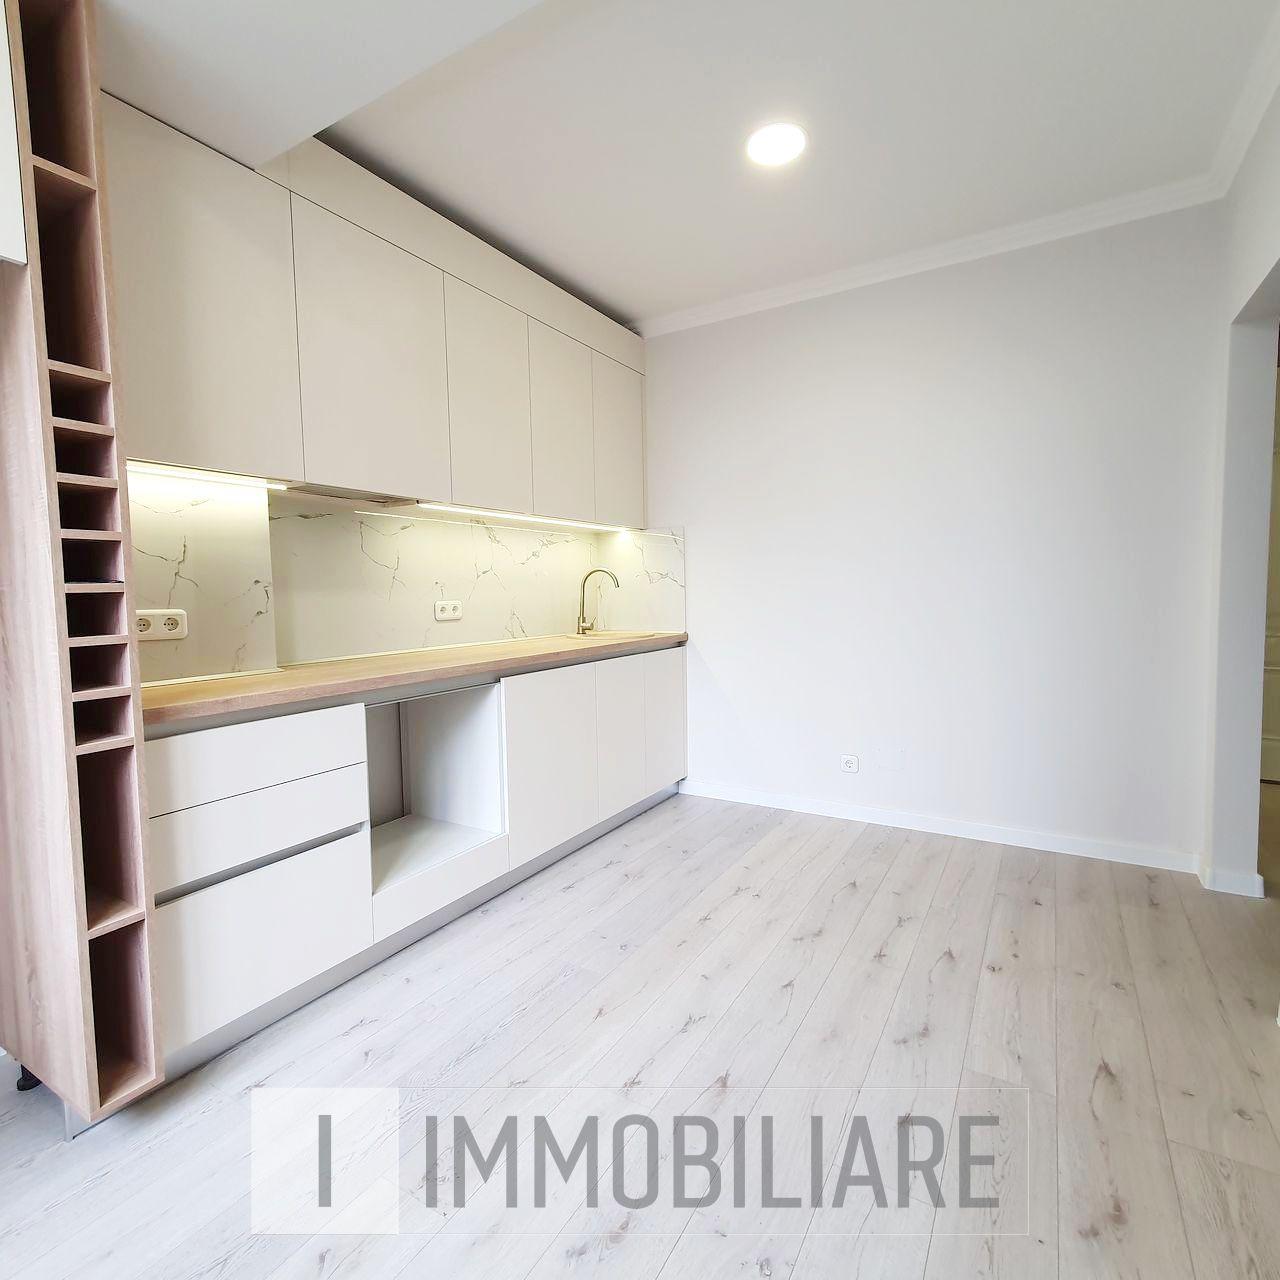 Apartament cu 1 cameră+living, sect. Telecentru, str. Sprîncenoaia.